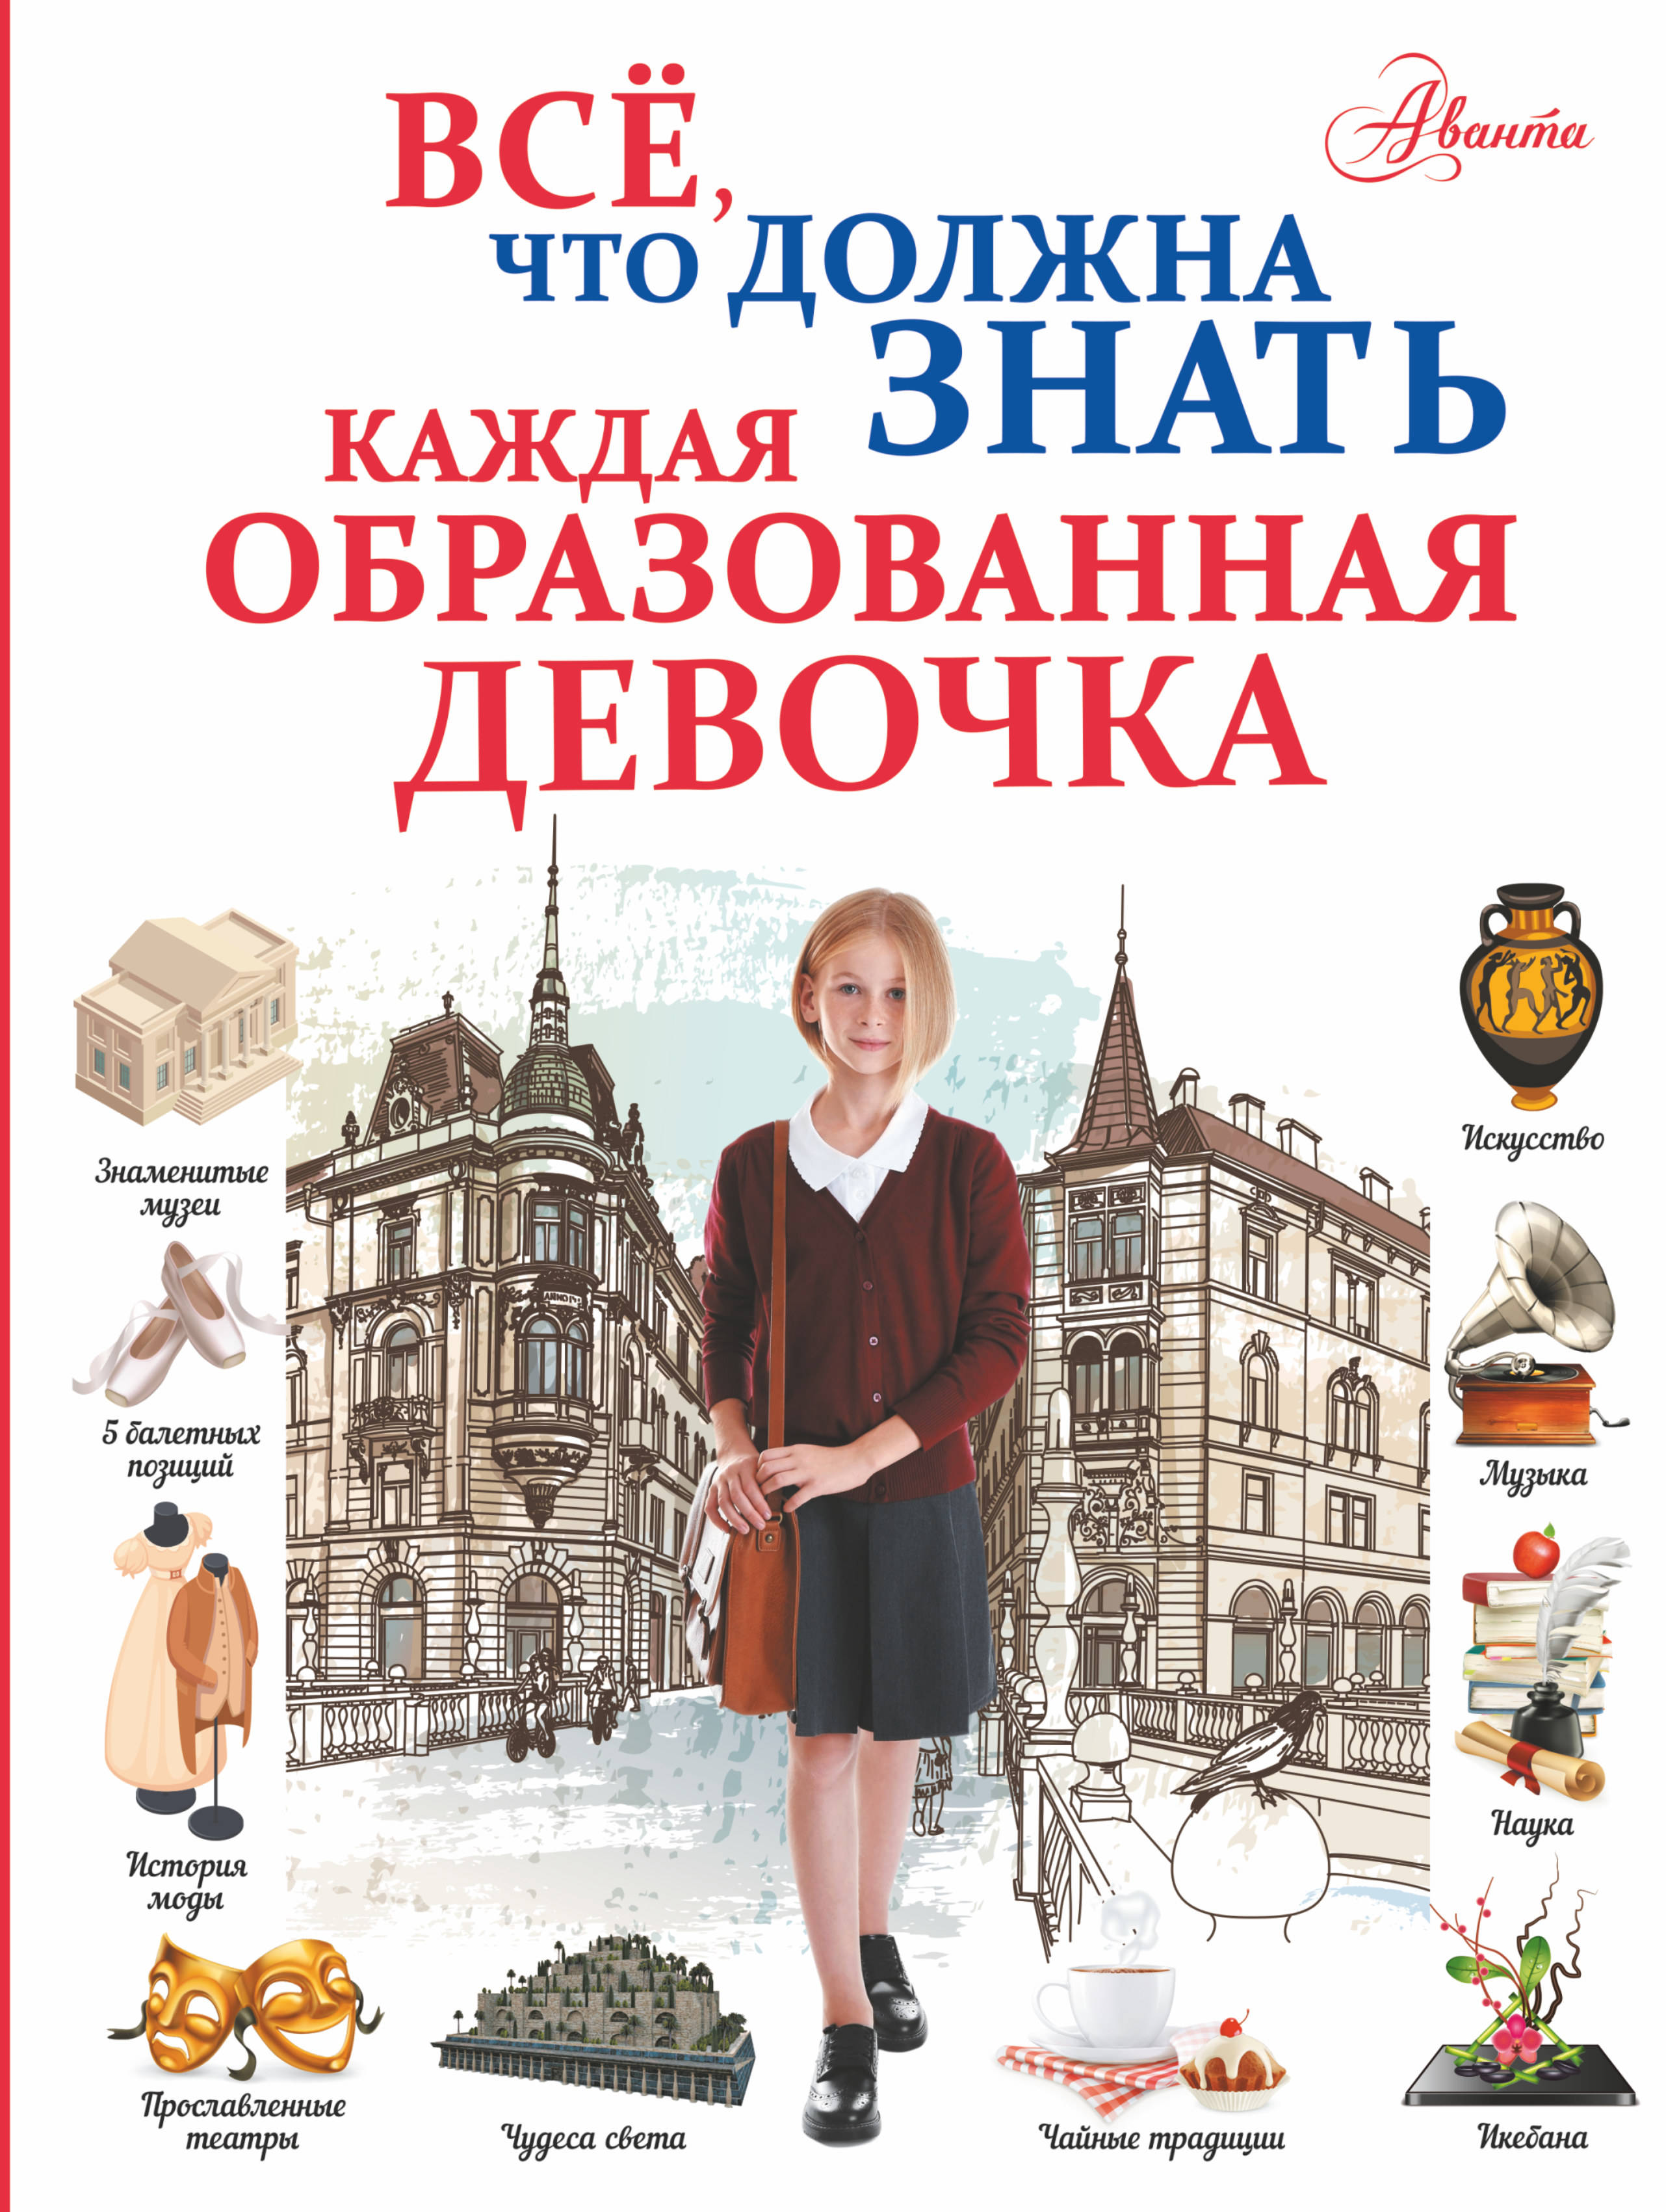 А. Г. Мерников, Д. И. Гордиевич, И. В. Блохина Все, что должна знать каждая образованная девочка